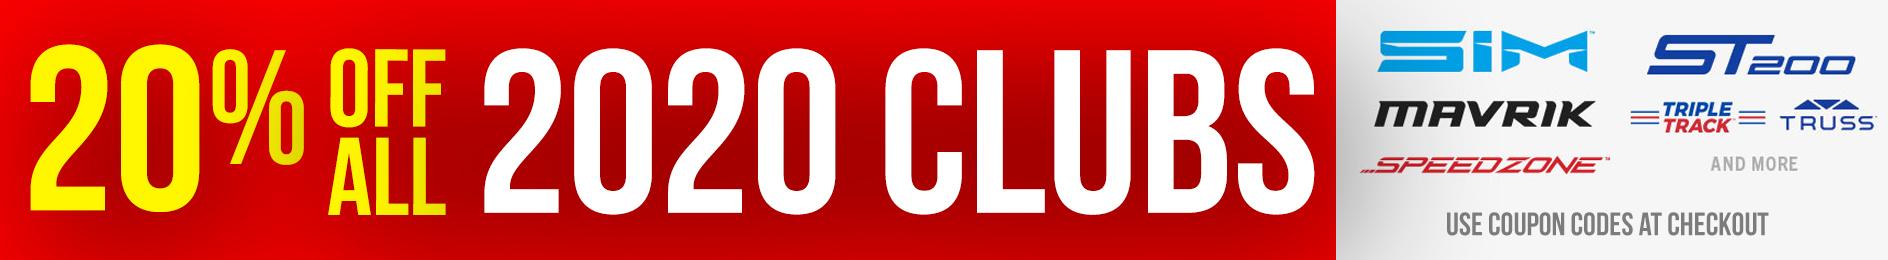 20-off-2020-clubs-banner.jpg